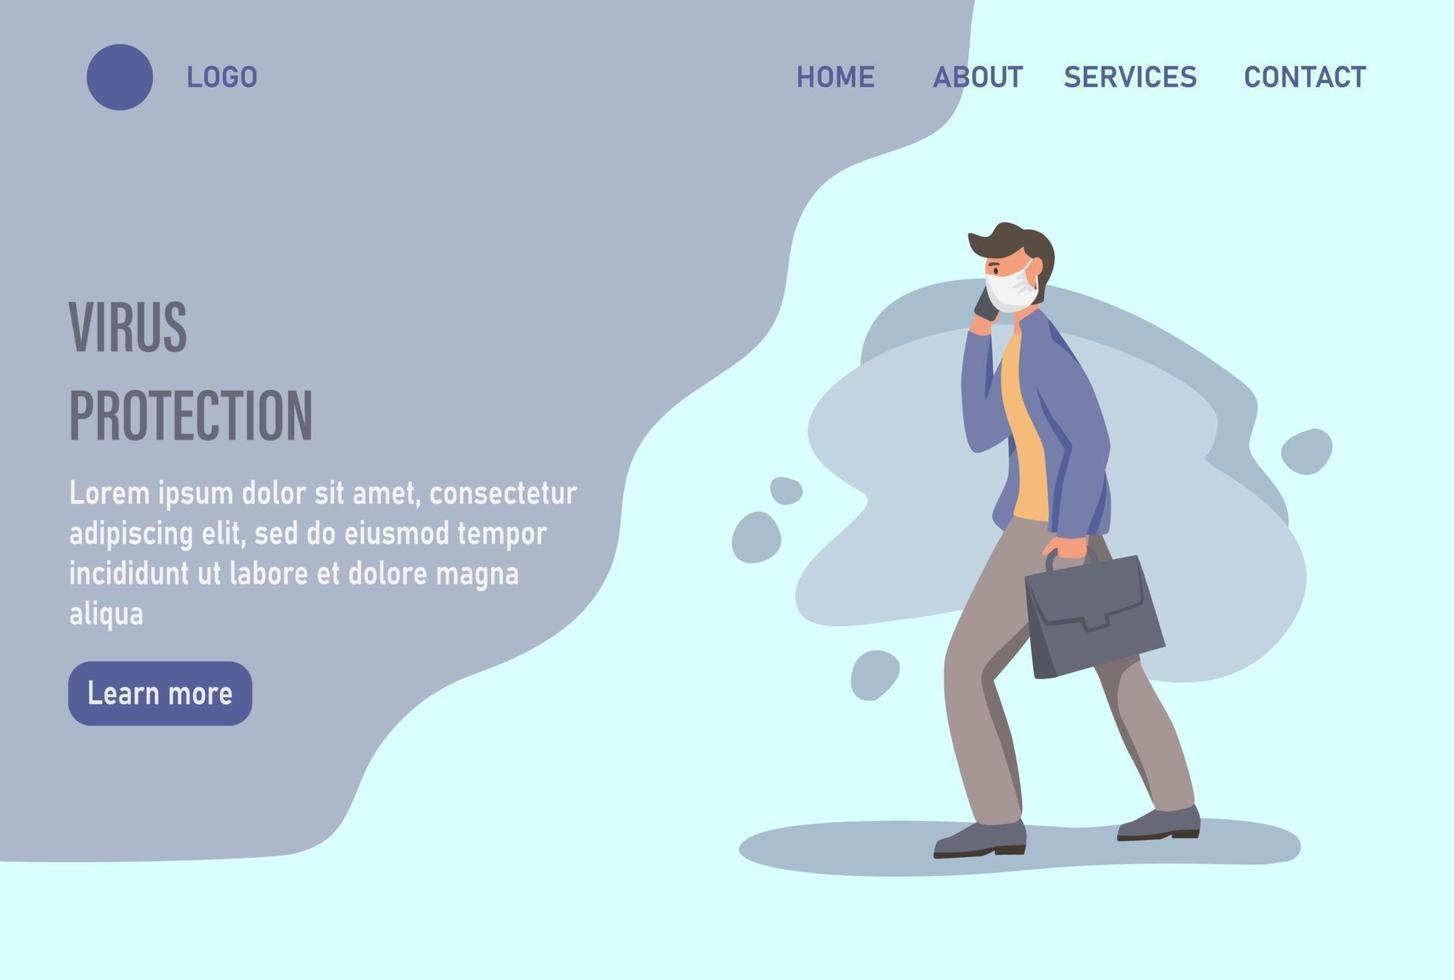 modelo de página da web de destino de proteção contra vírus com um homem usando uma máscara facial vetor